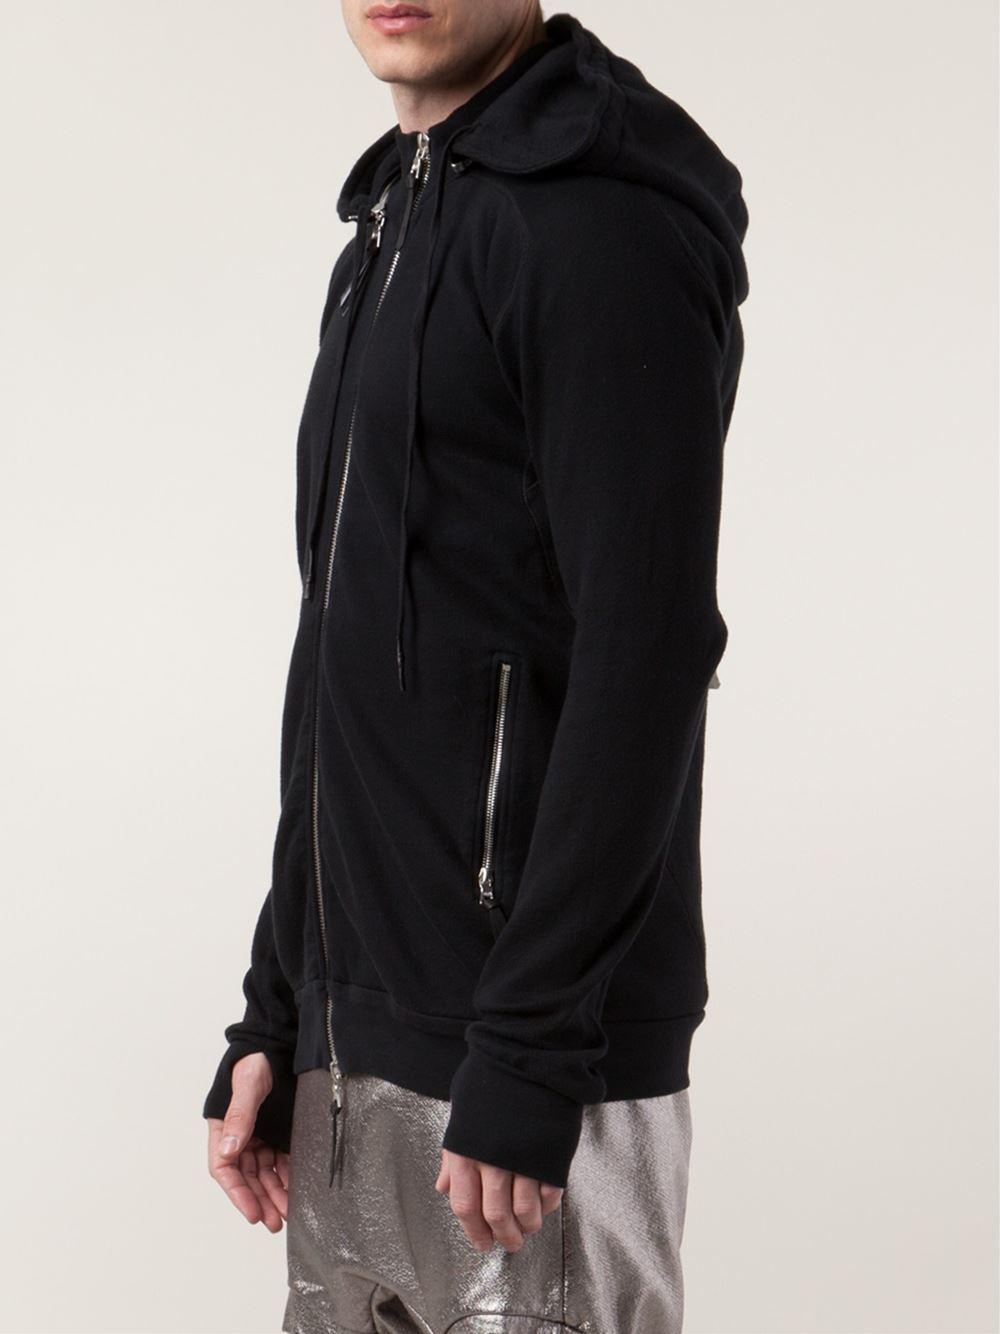 Boris Bidjan Saberi 11 Zipped Hoodie in Black for Men